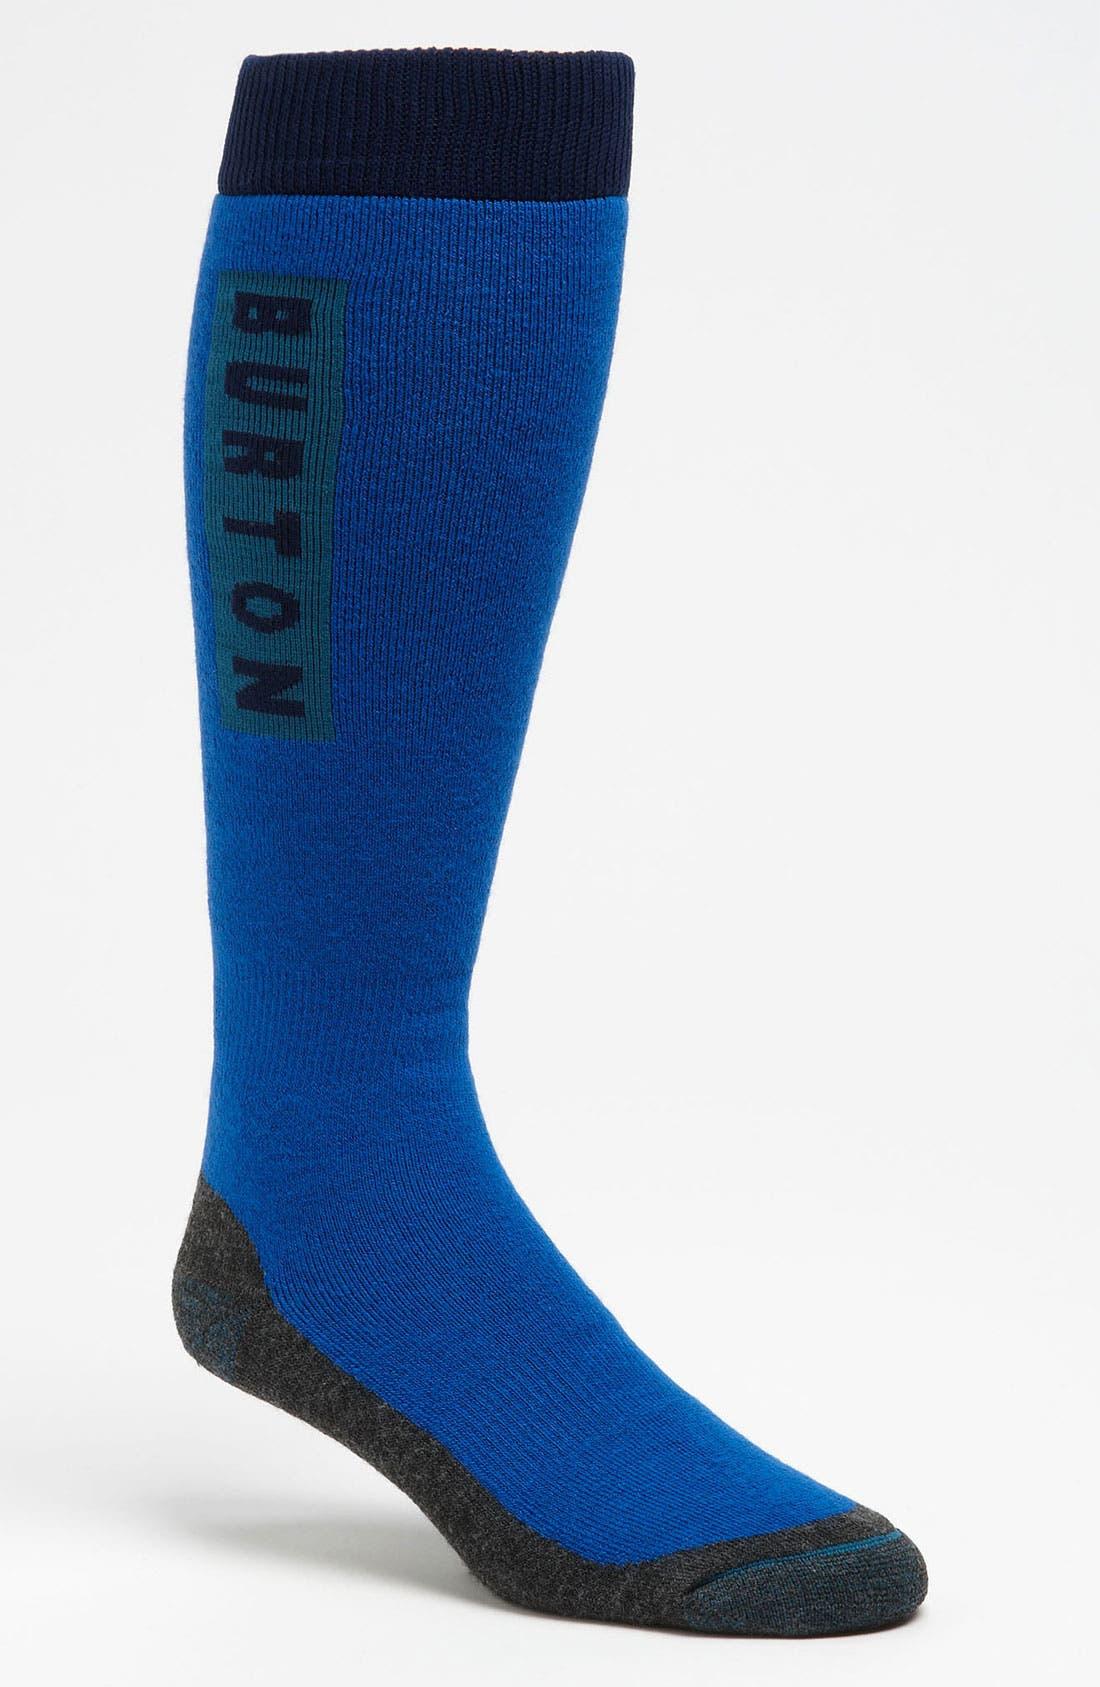 Main Image - Burton 'Emblem' Socks